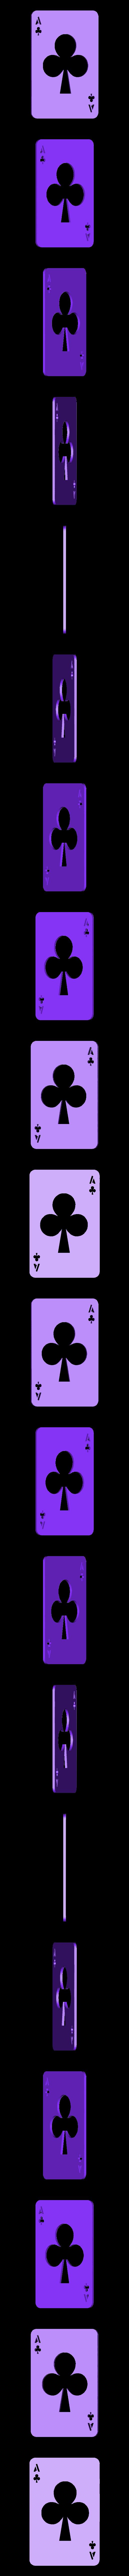 Clubs_1_hole.stl Télécharger fichier SCAD gratuit Les cartes à jouer • Objet imprimable en 3D, yvrogne59